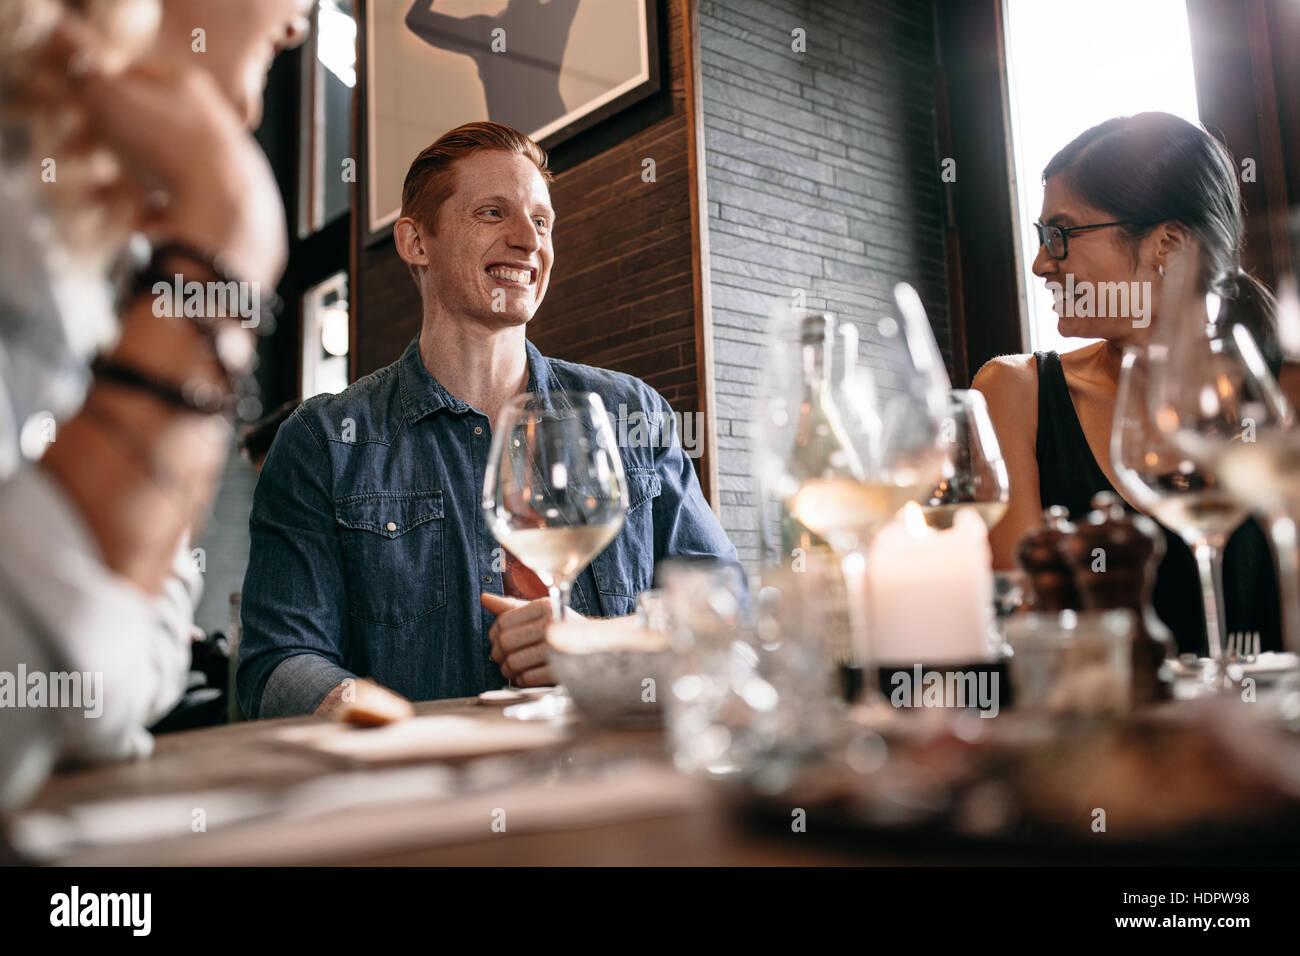 Feliz joven con amigos en el café. Los jóvenes de disfrutar de una cena en un restaurante. Imagen De Stock